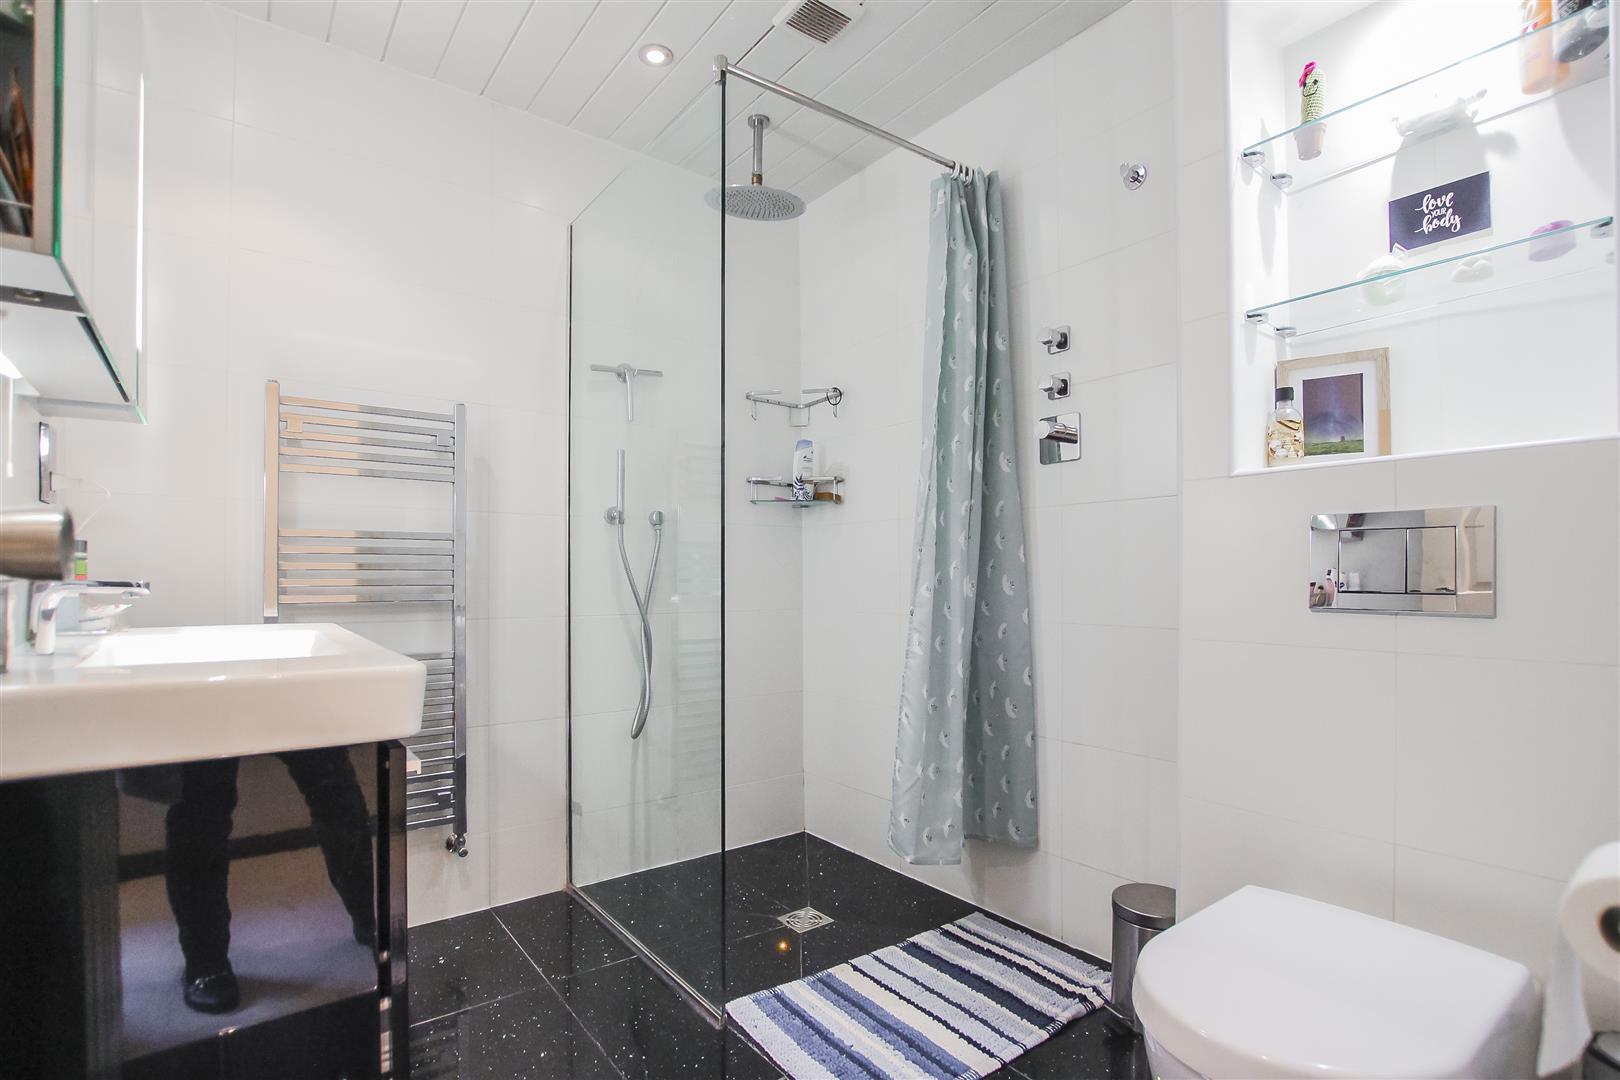 6 Bedroom Detached House For Sale - Bedroom Three En-suite